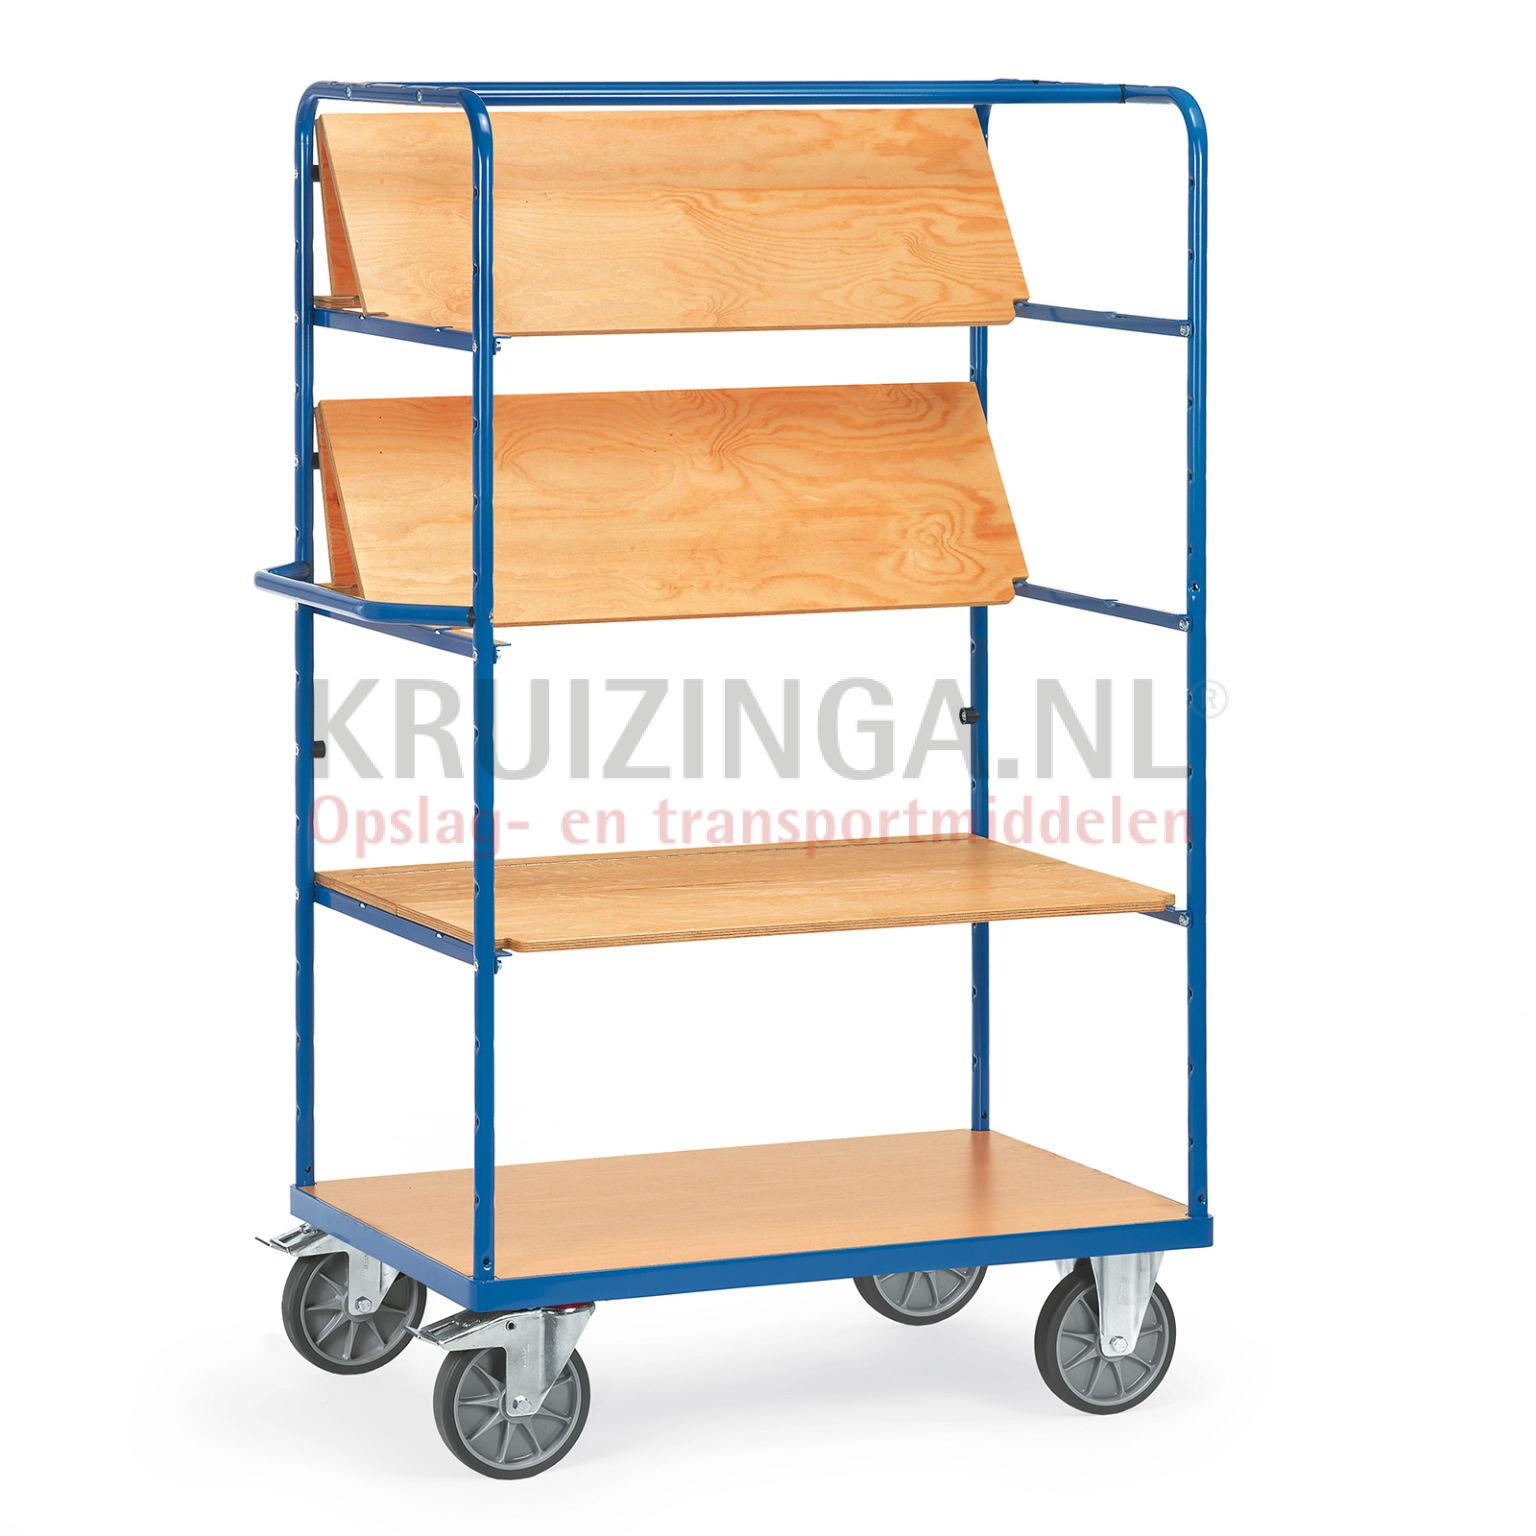 chariots plateaux chariot de manutention chariot plateaux 2 parois lat rales ouvertes 3. Black Bedroom Furniture Sets. Home Design Ideas